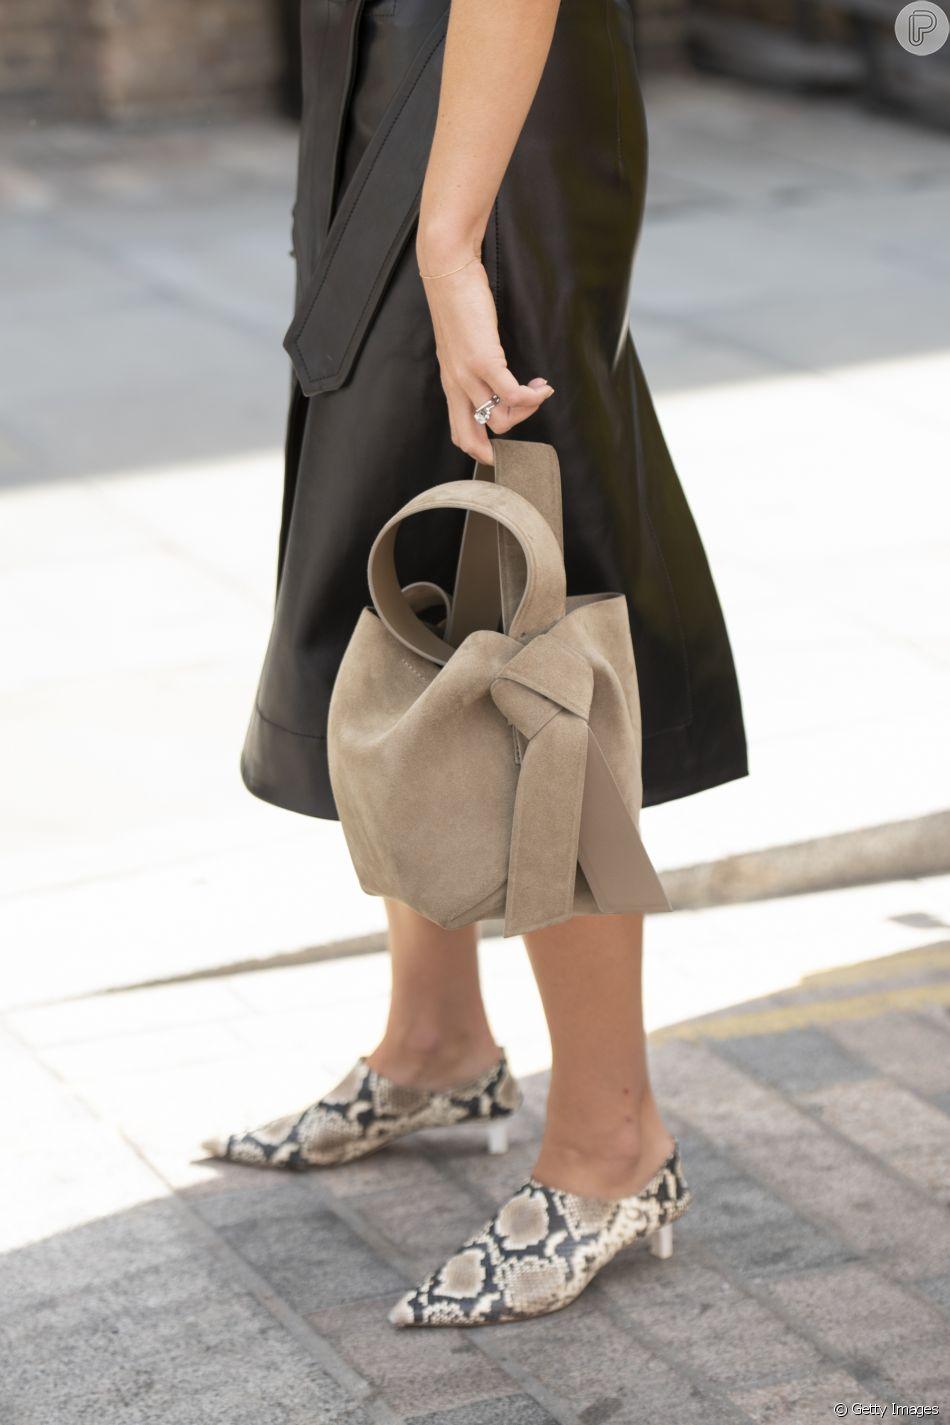 Os mules com salto baixo são tendência neste inverno para completar os looks com glamour e conforto